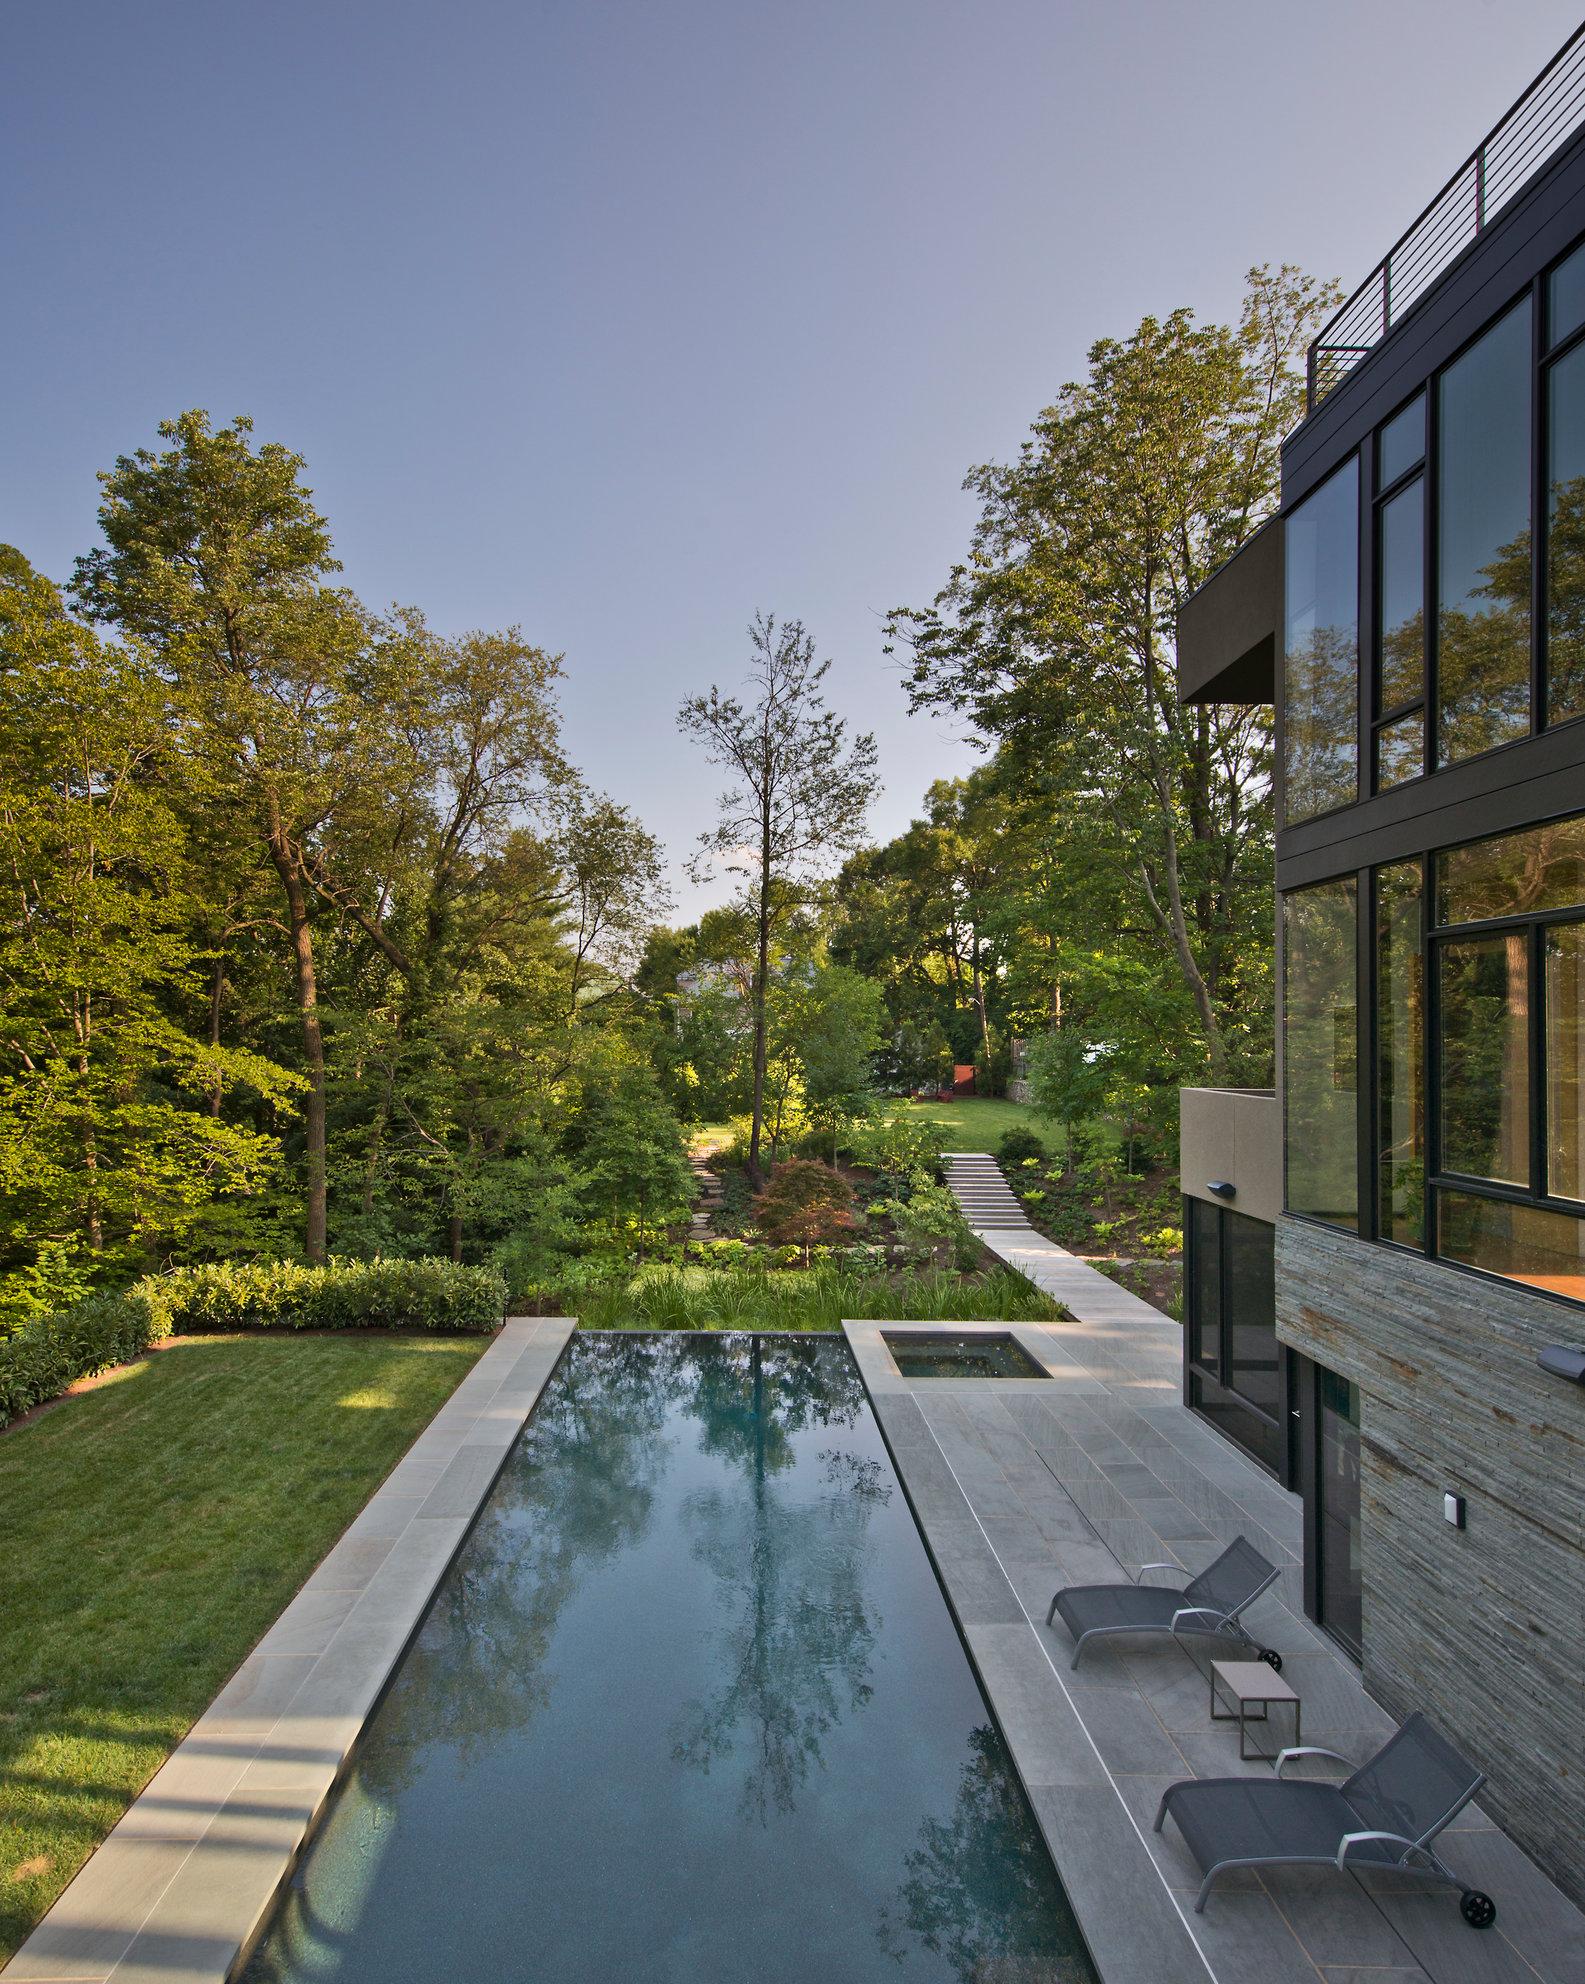 Campion Hruby Landscape Architects